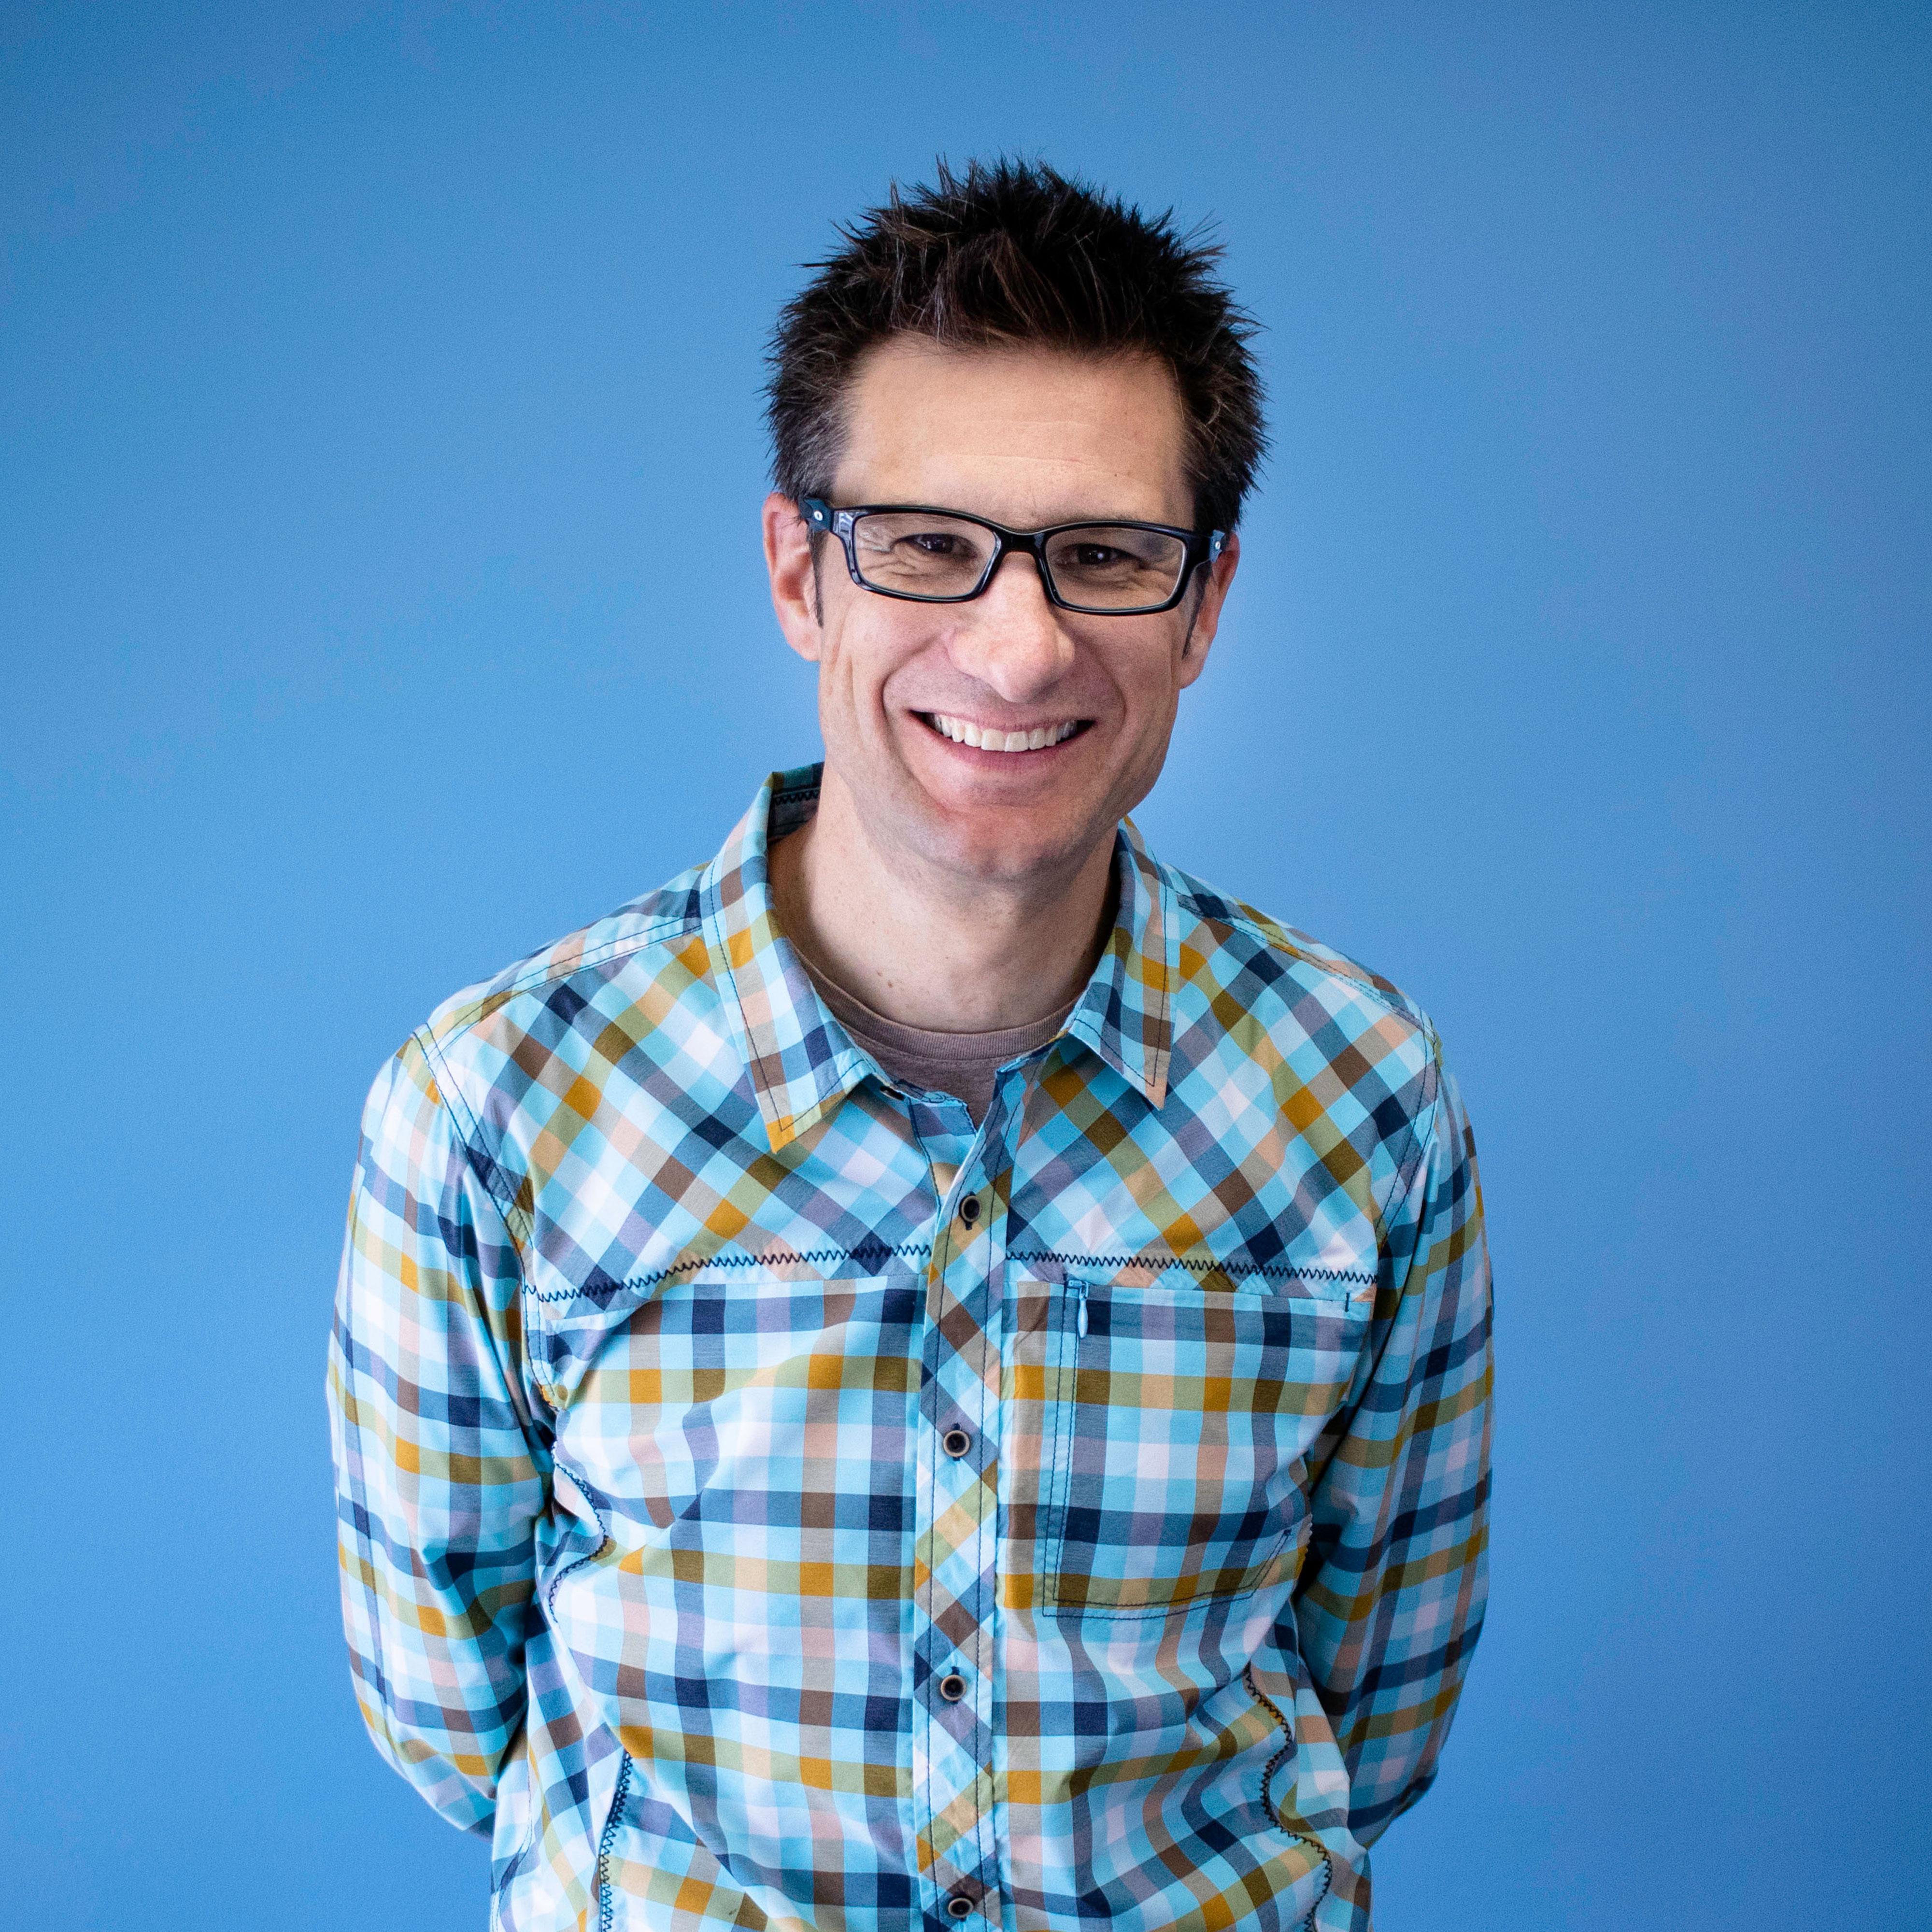 Greg Keller, CTO